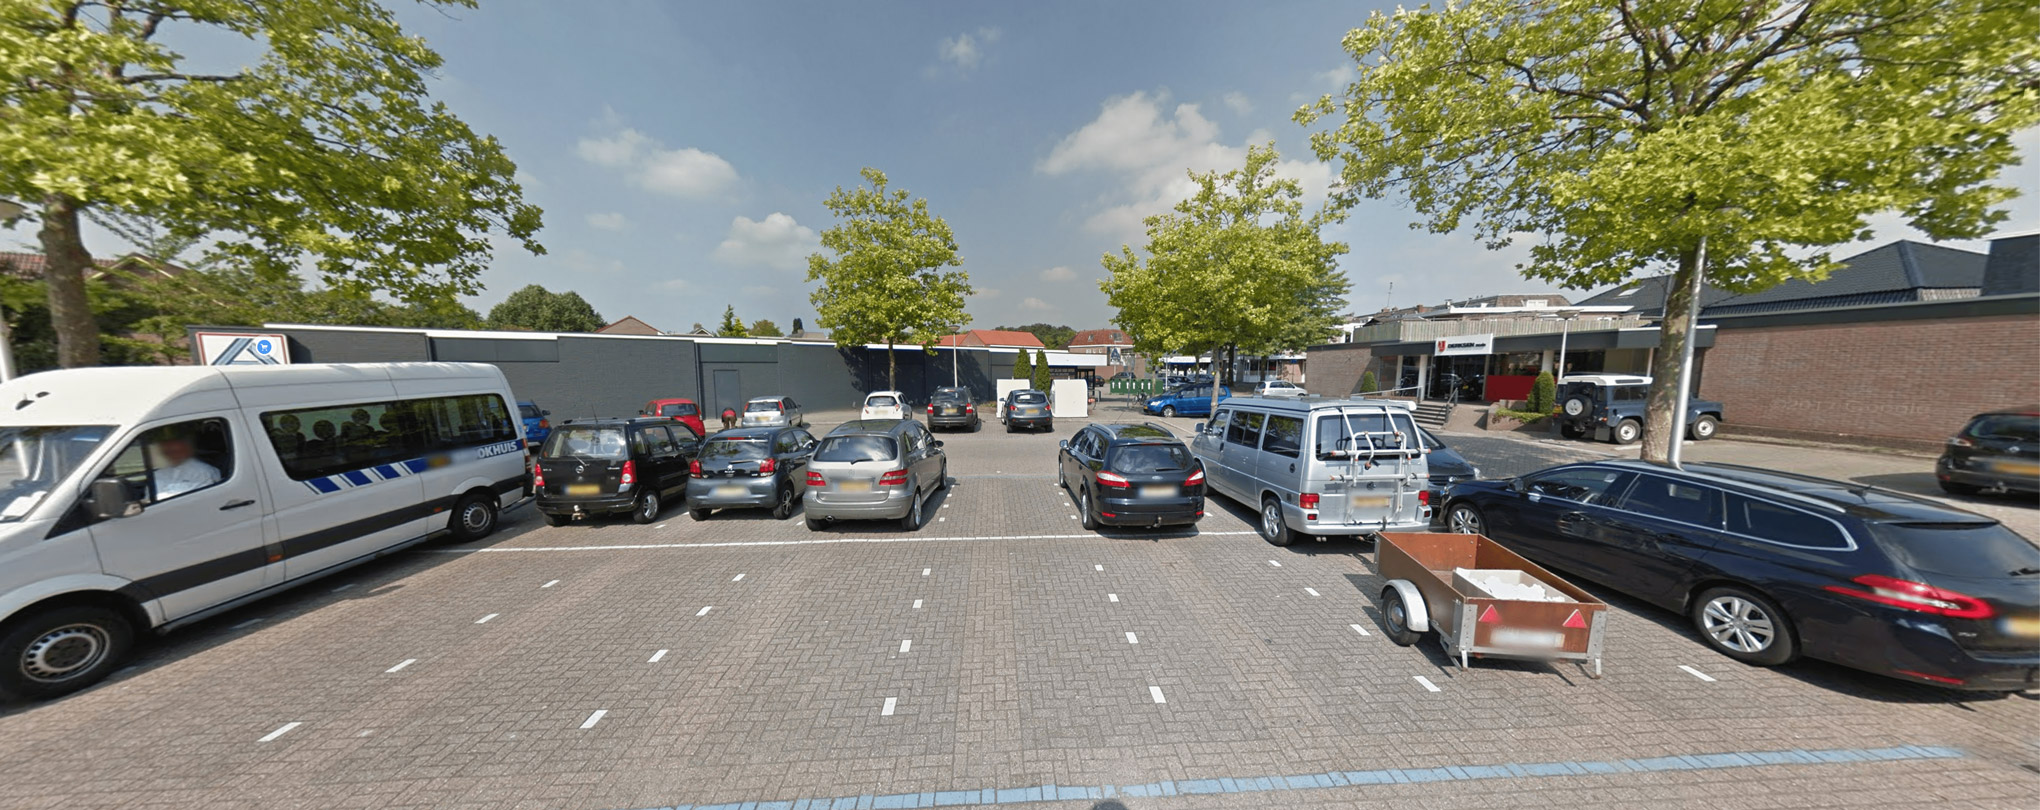 Parkeren-in-Tubbergen-Winkelen-in-Tubbergen-Aldi-kopie